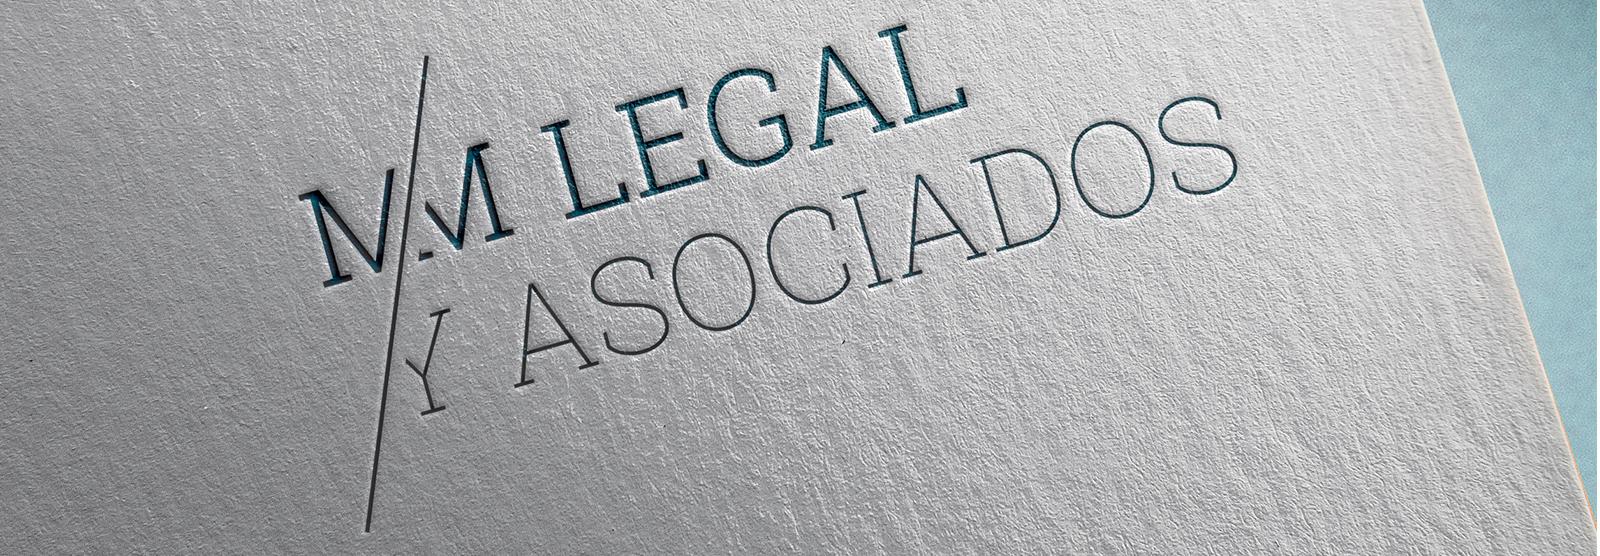 07-M-M-Legal